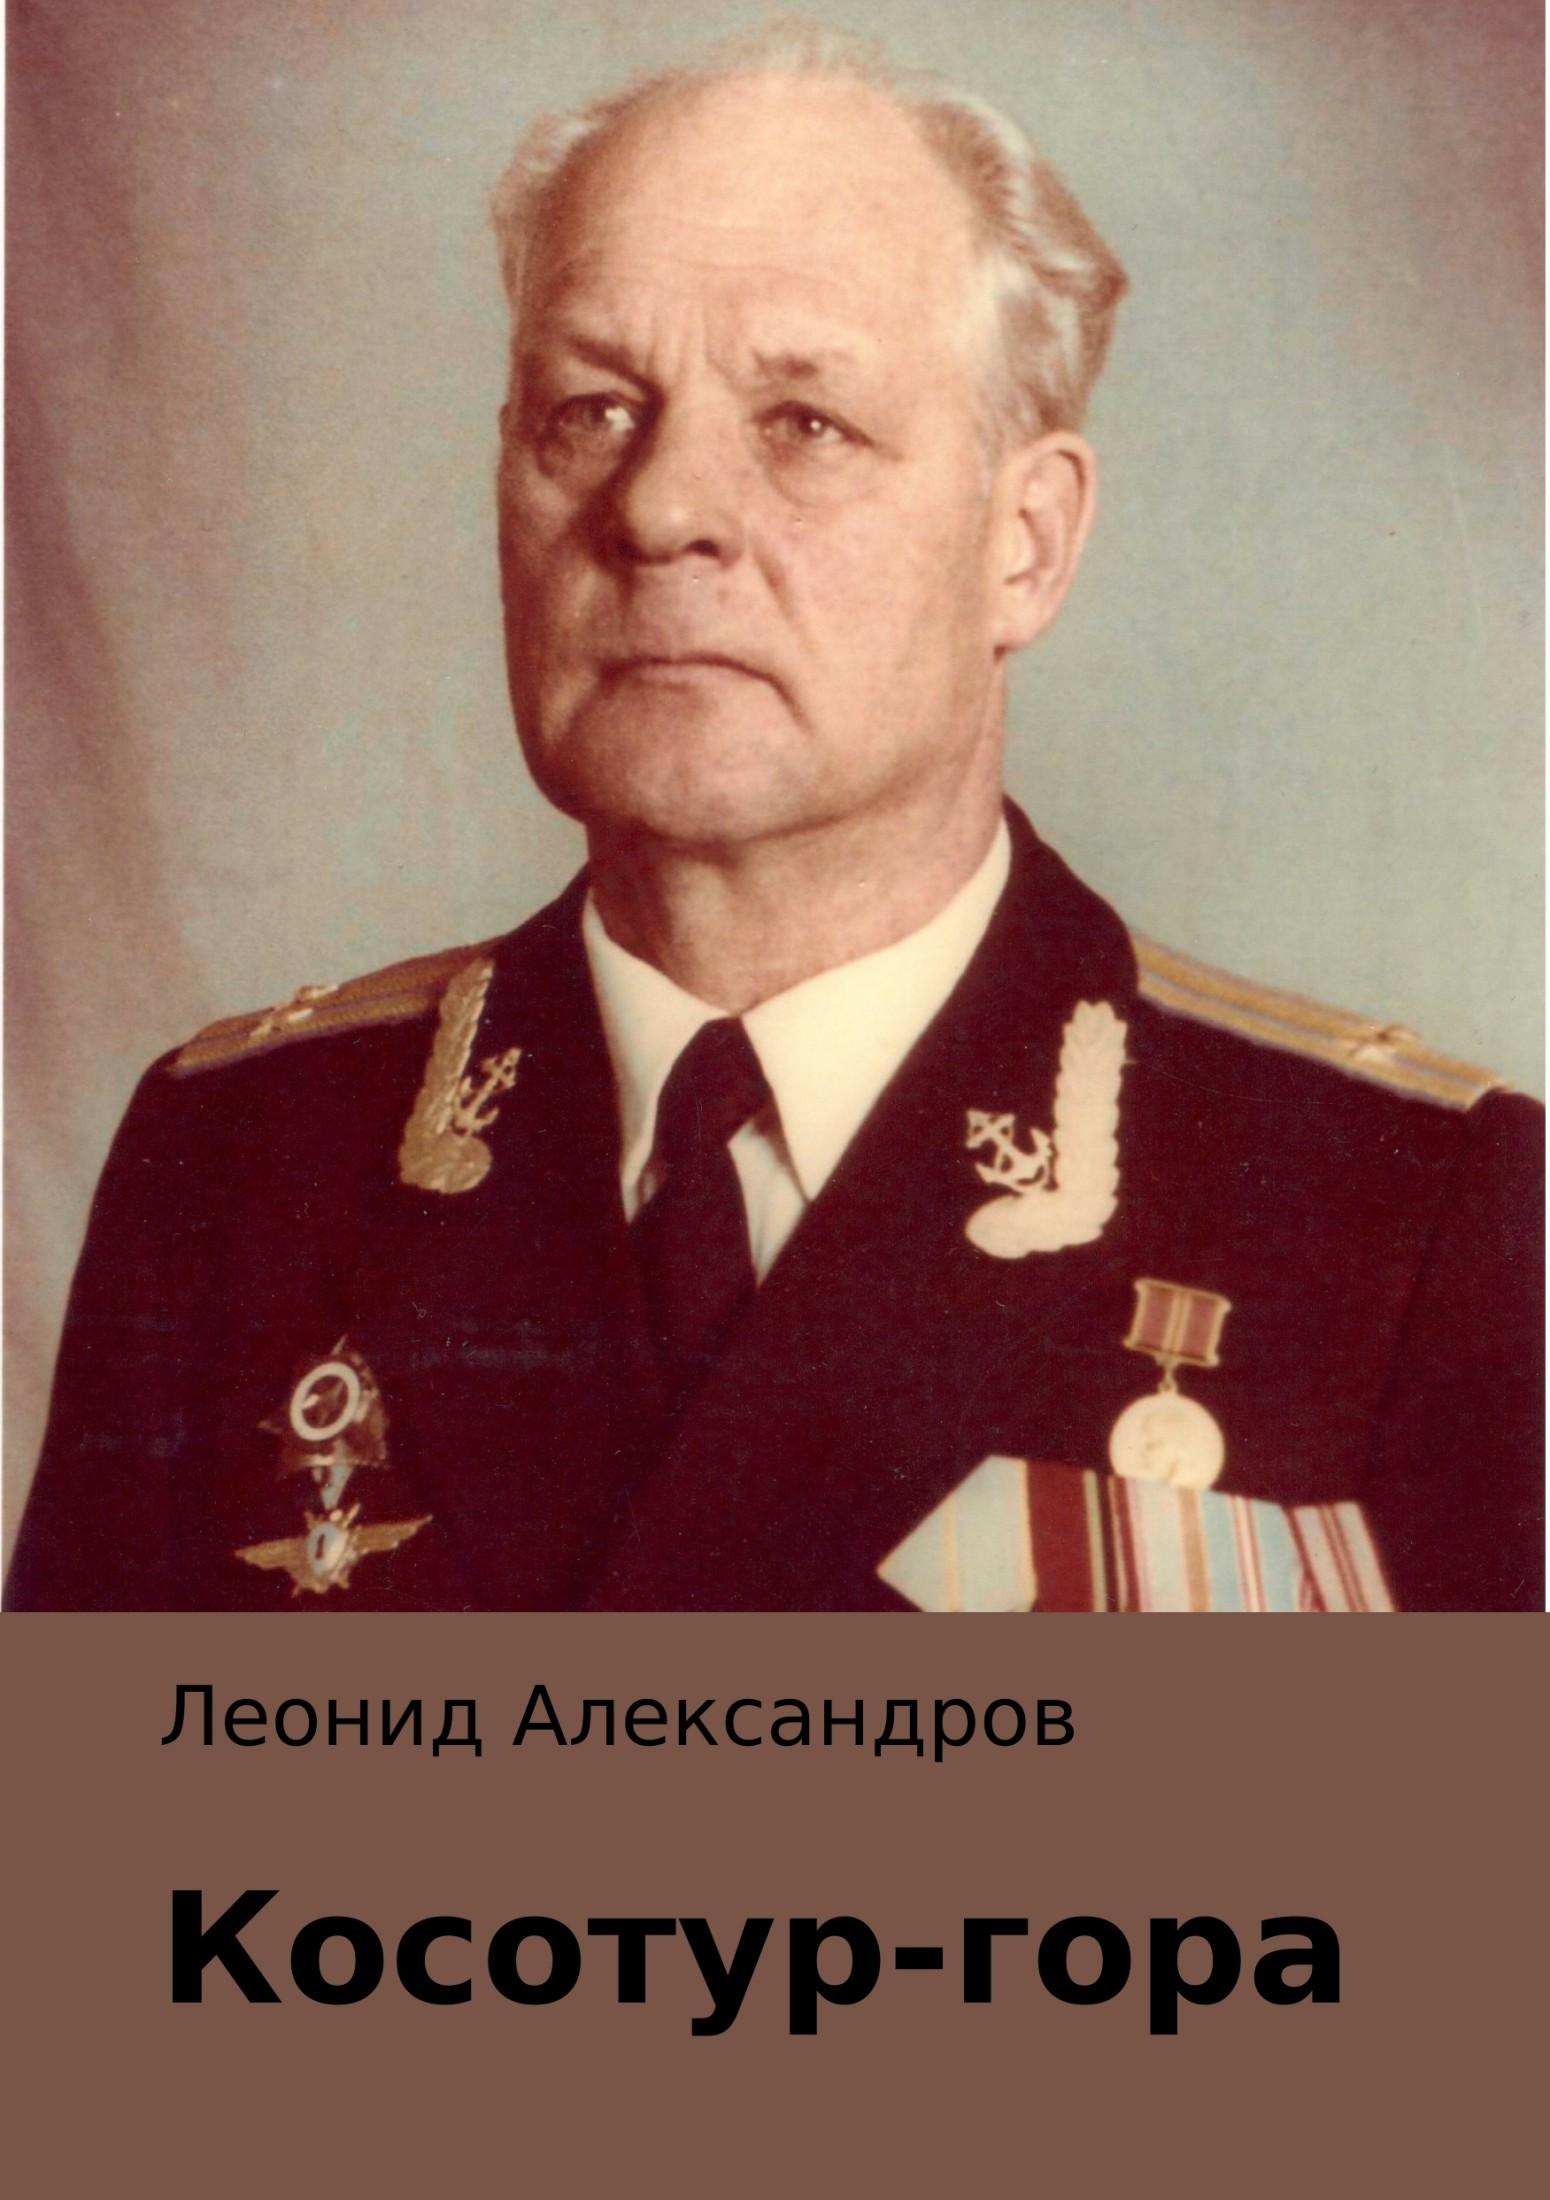 Леонид Александров Косотур-гора дмитрий лихачев мысли о жизни воспоминания